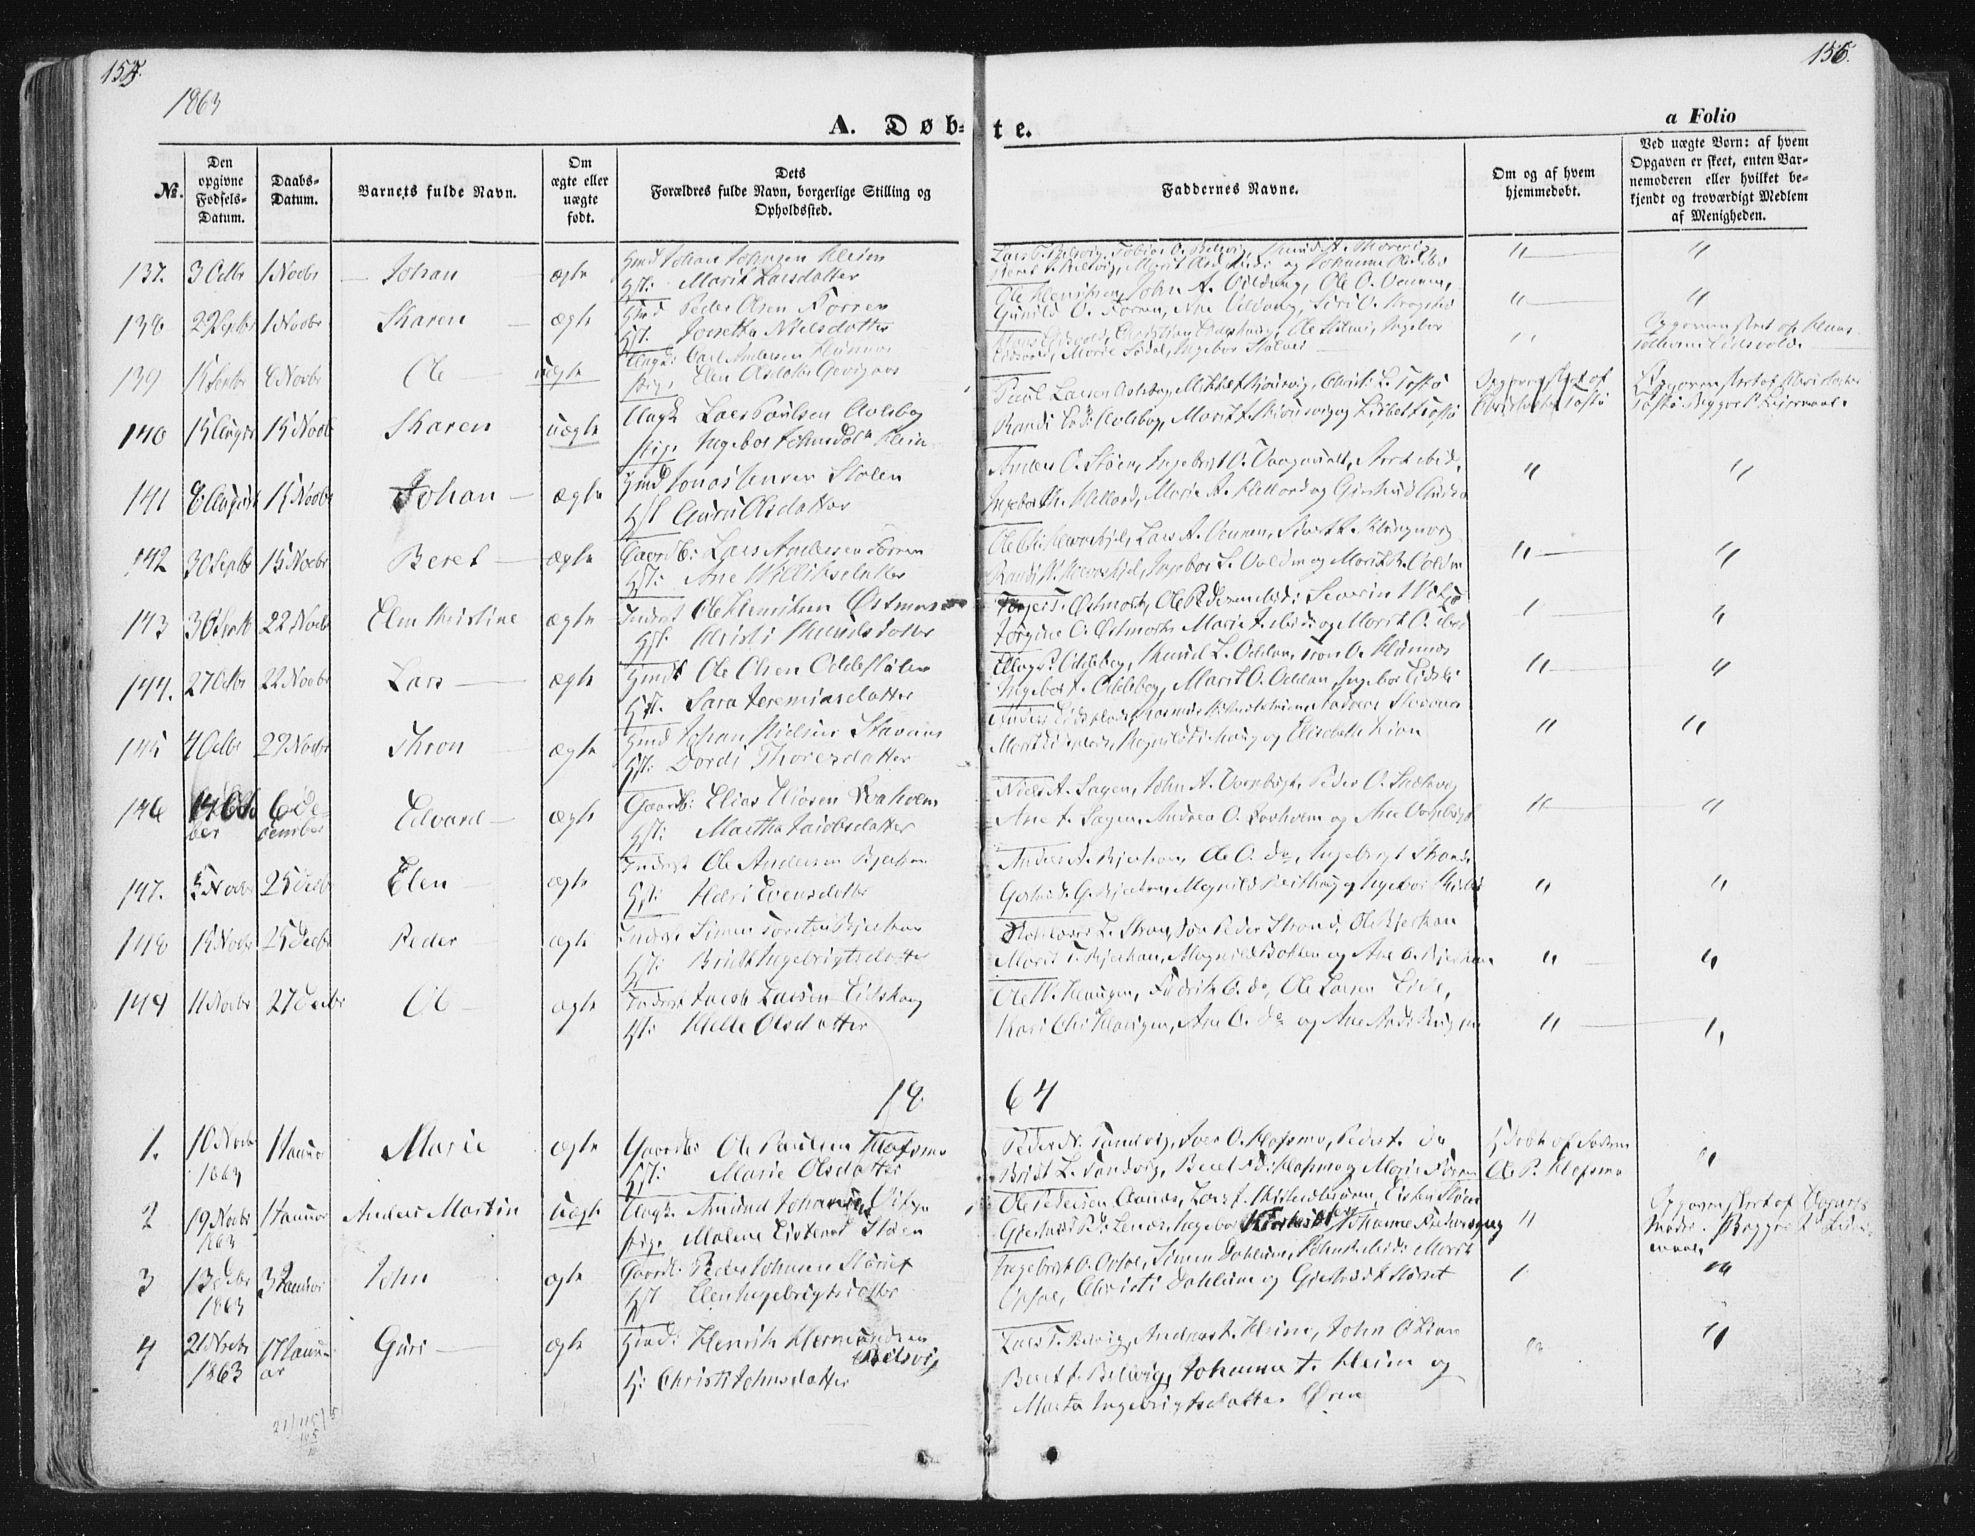 SAT, Ministerialprotokoller, klokkerbøker og fødselsregistre - Sør-Trøndelag, 630/L0494: Ministerialbok nr. 630A07, 1852-1868, s. 155-156